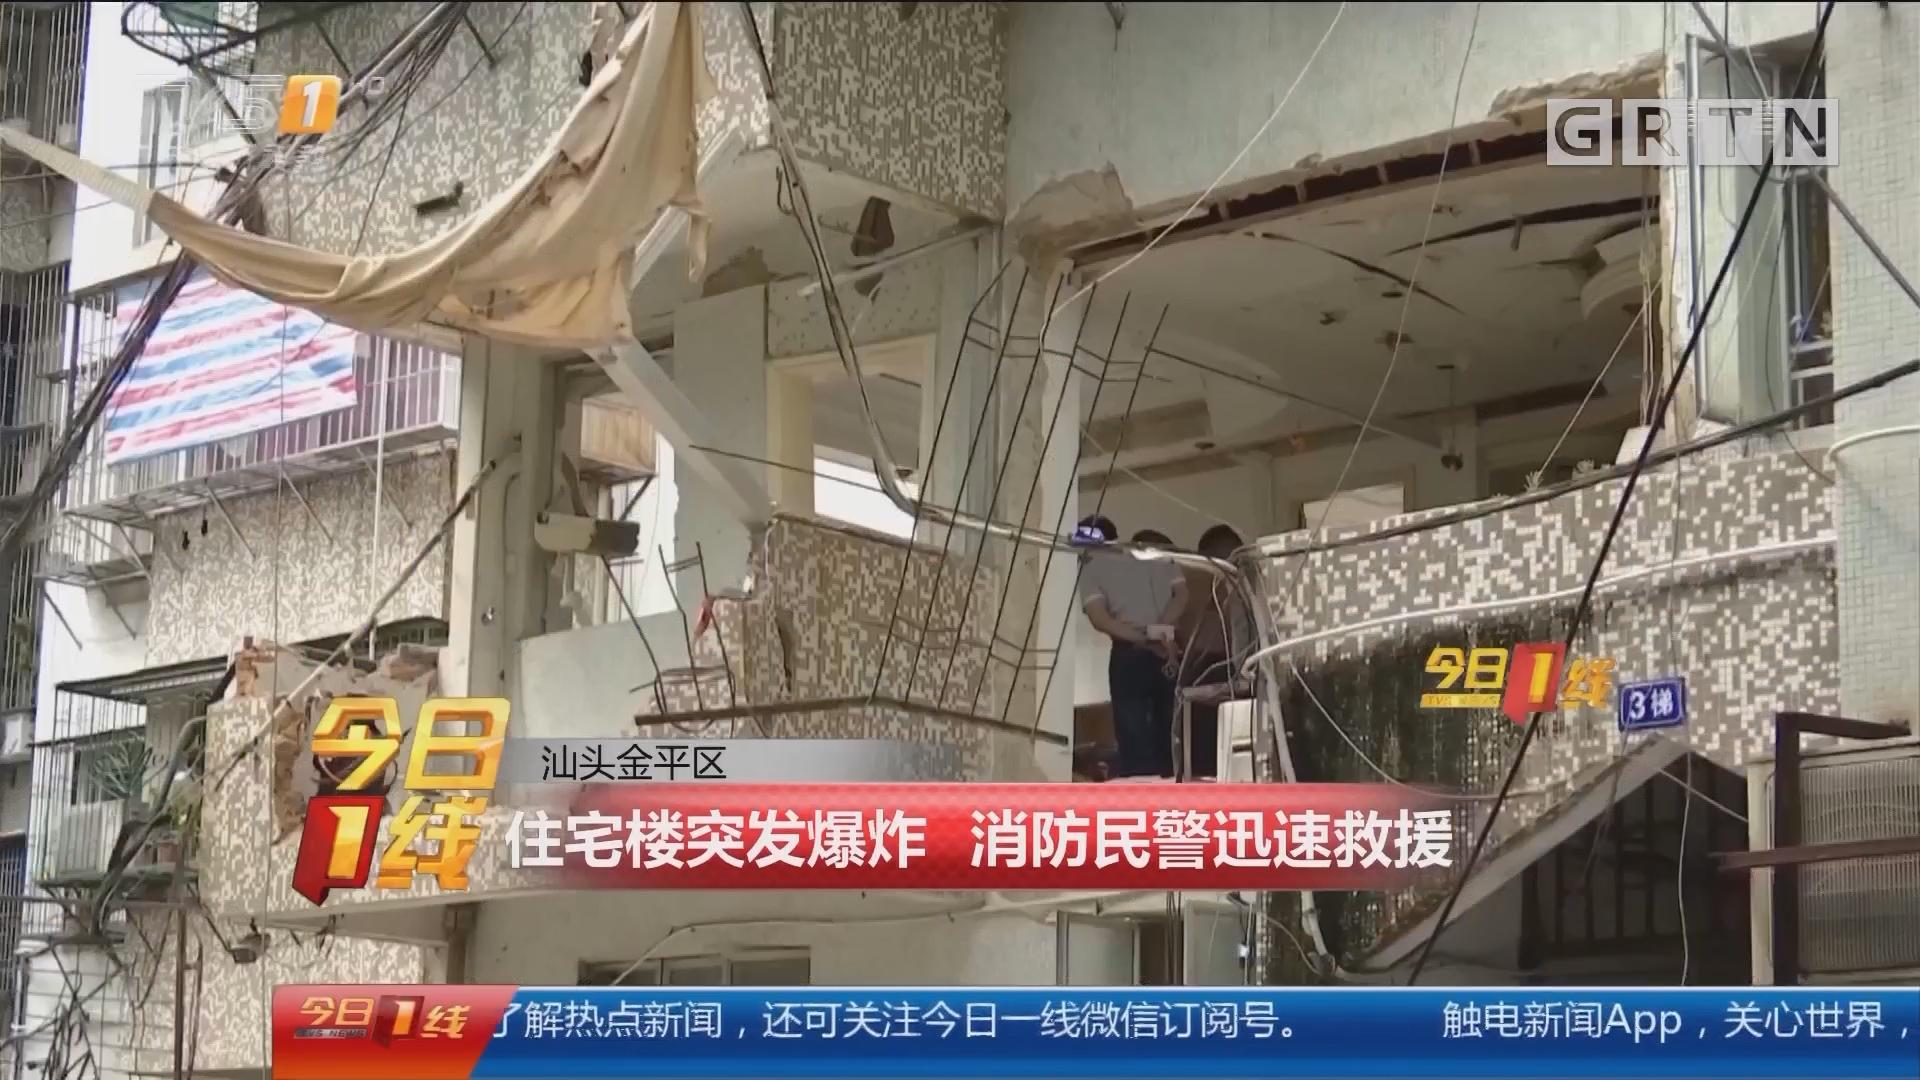 汕头金平区:住宅楼突发爆炸 消防民警迅速救援